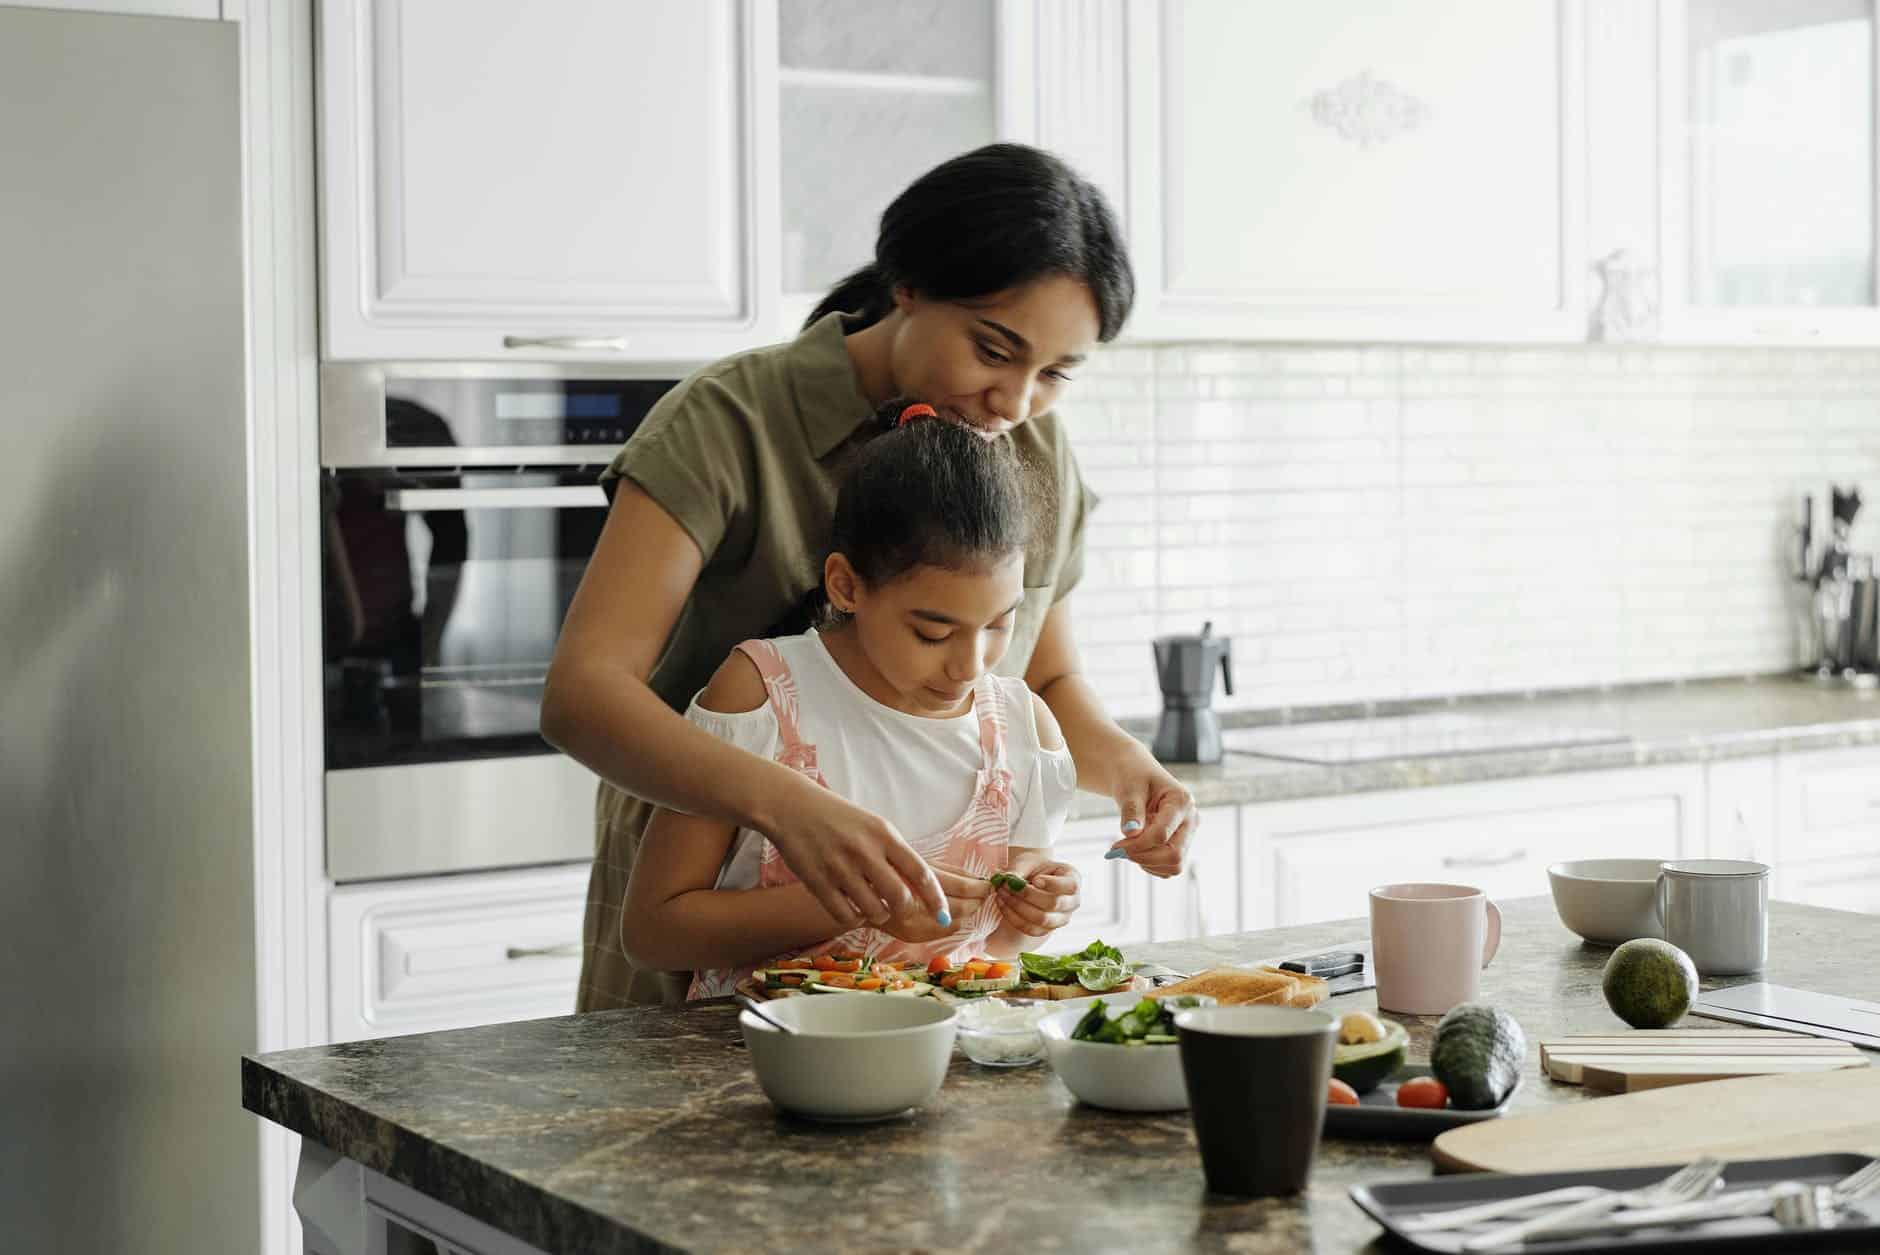 Uma alternativa saudável é a família cozinhar junta (Imagem: August Richelieu)